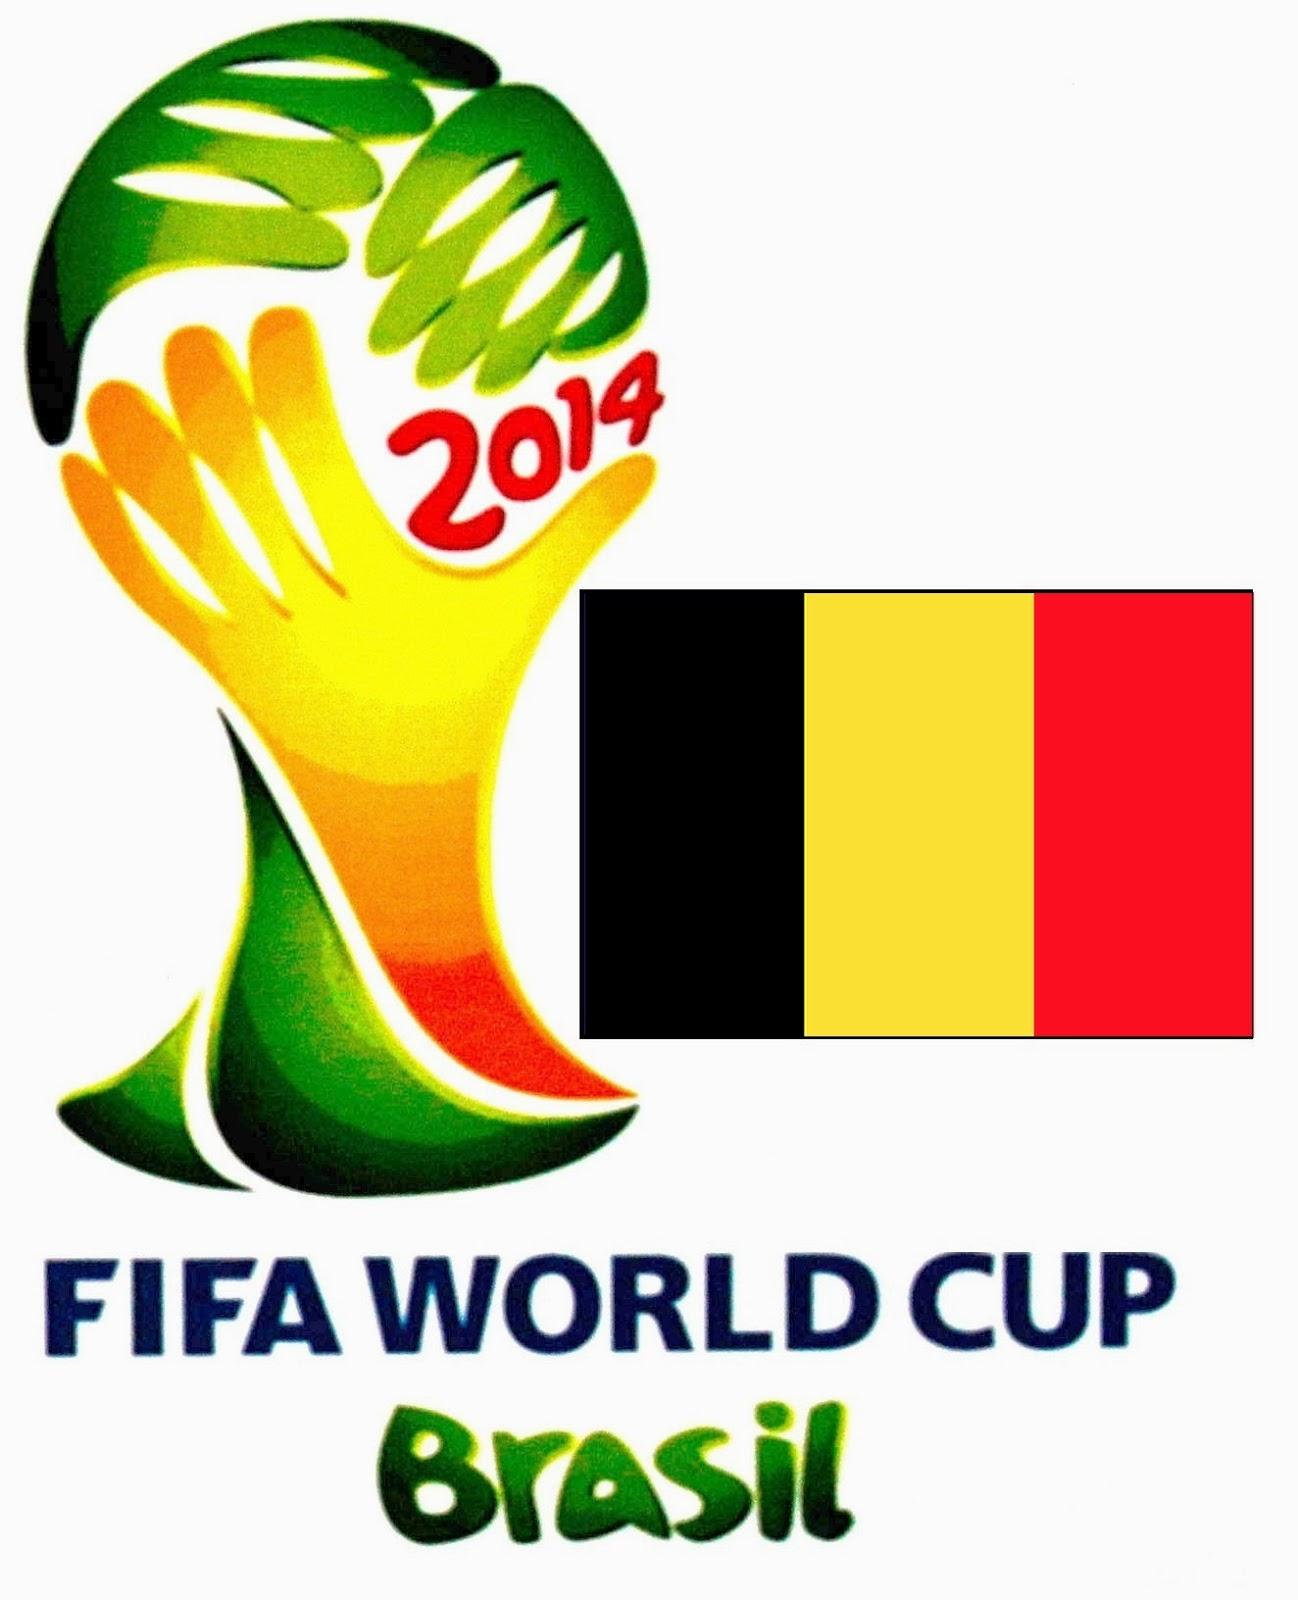 Daftar Nama Pemain Timnas Belgia Piala Dunia 2014